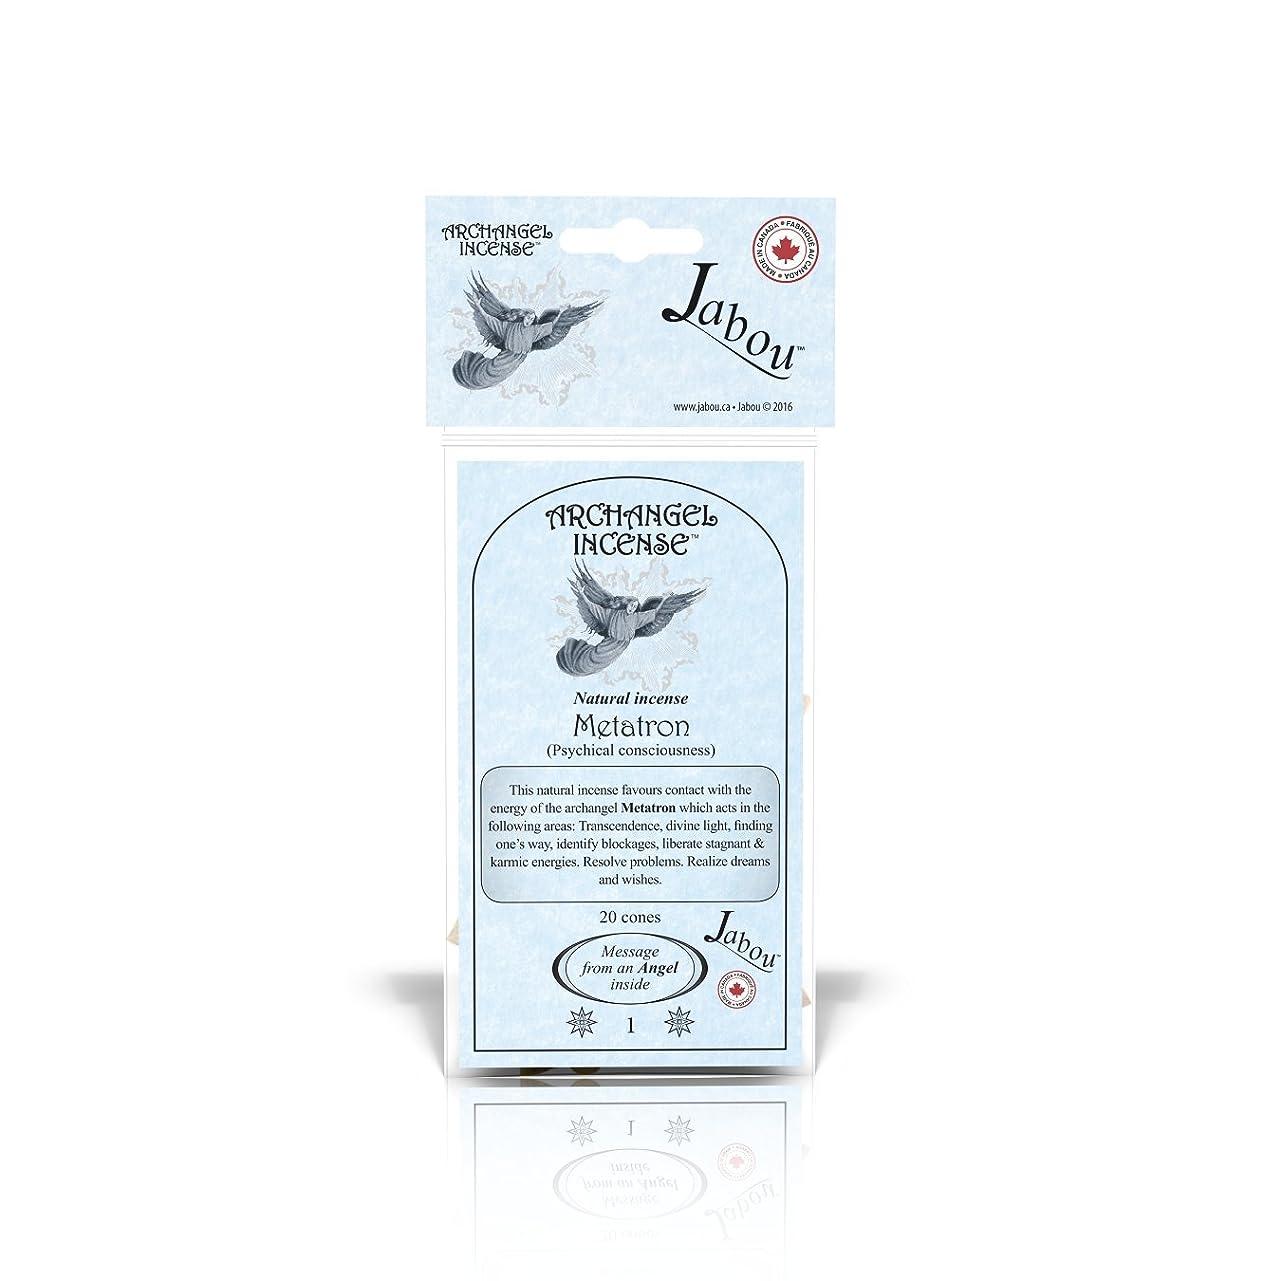 告白レーニン主義下手Jabou 大天使 100%天然お香 コーン - 12個の香り - 瞑想 ヨガ リラクゼーション マジック ヒーリング 祈り 儀式 - 20個のコーン - 各30分以上持続